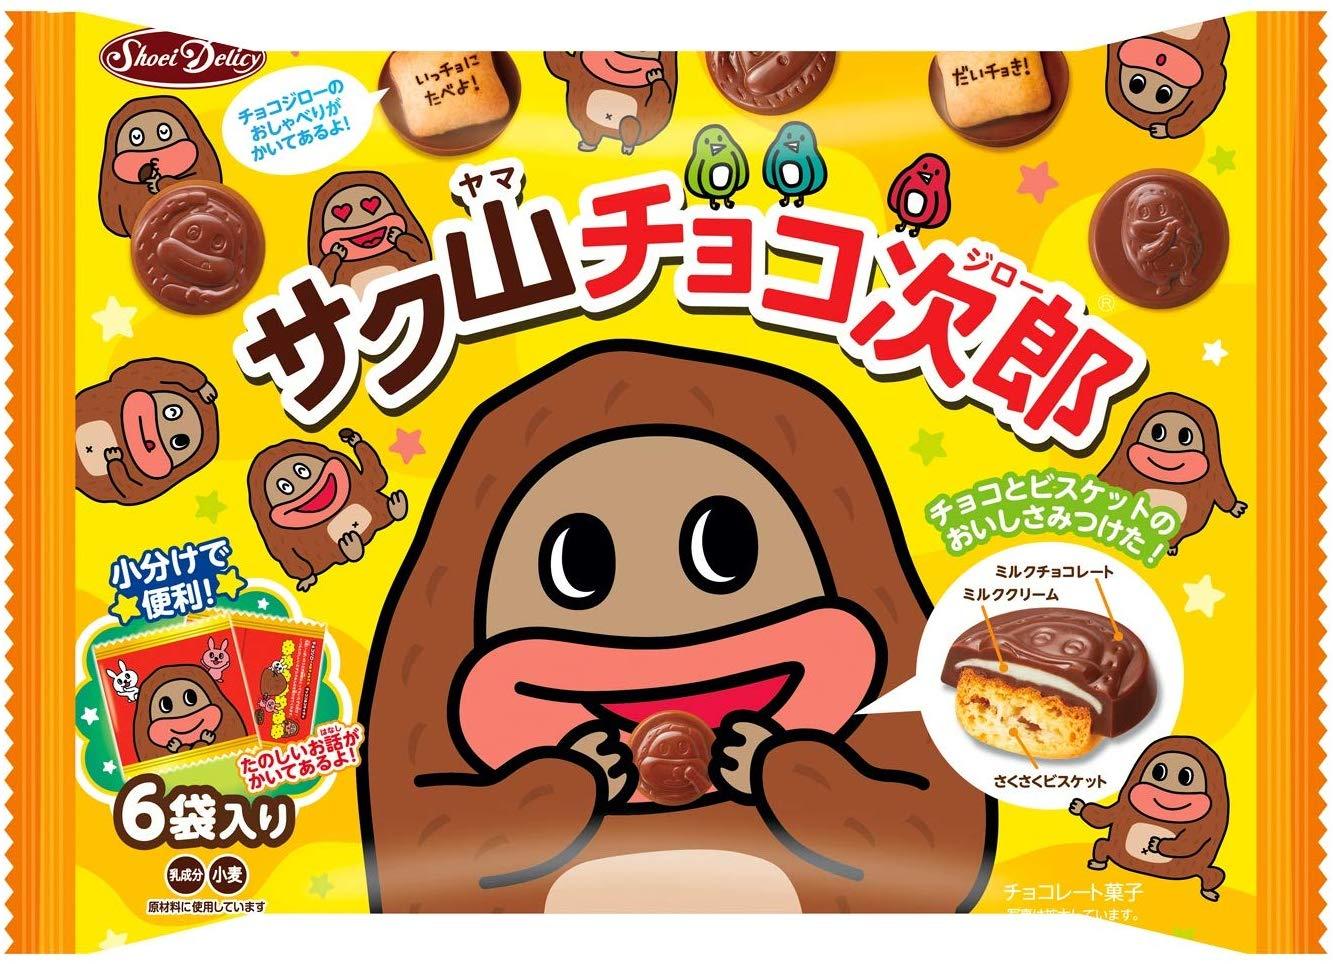 サク山チョコ次郎が売ってない!どこで買える?